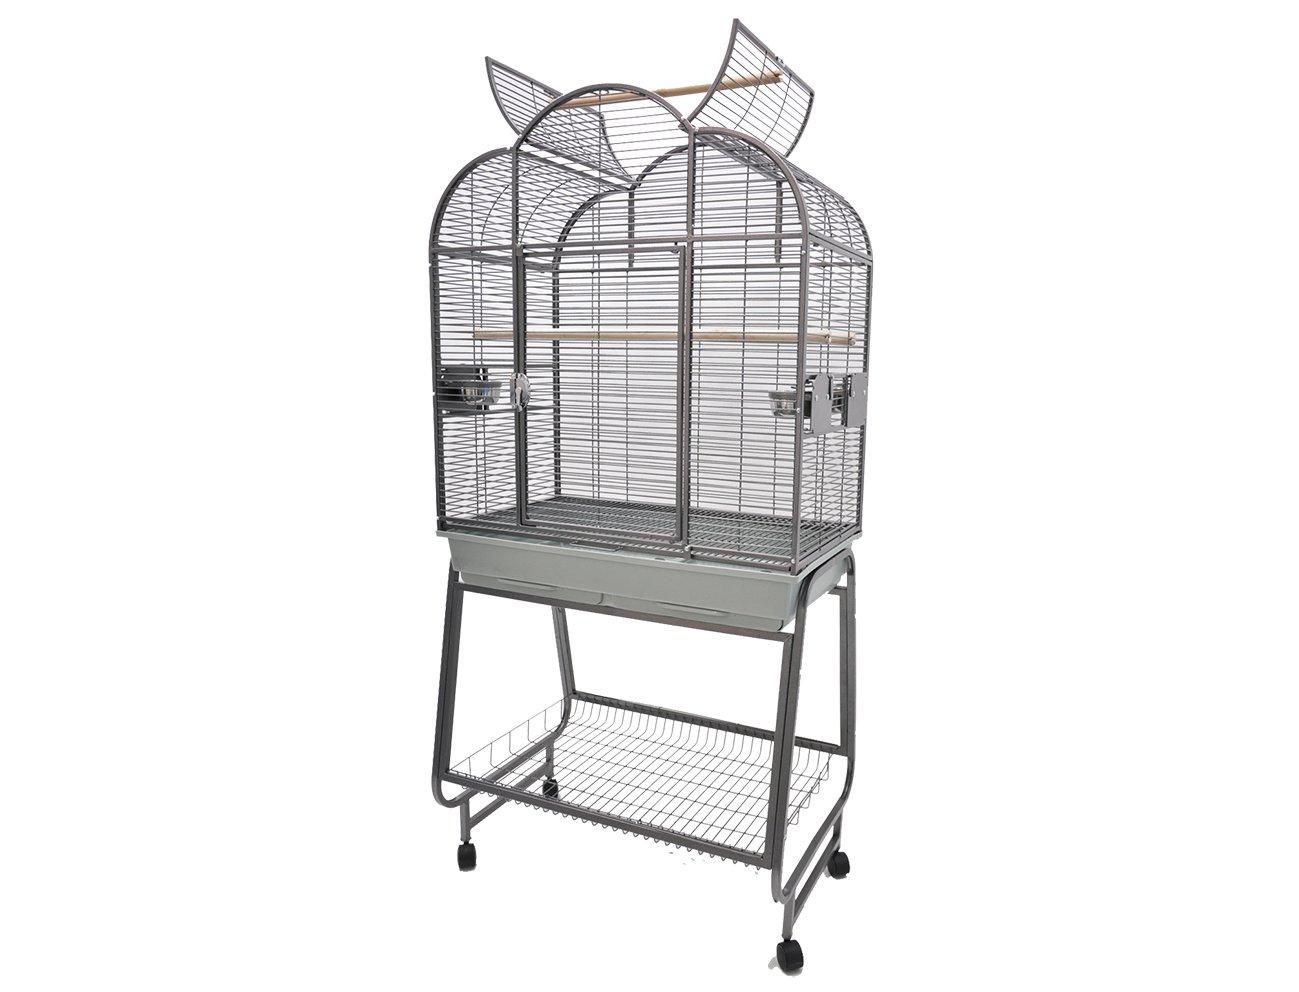 compra meglio VADIGRAN Adam gabbia per pappagallo 86 x x x 56 x 174 cm Taglia M  vendendo bene in tutto il mondo